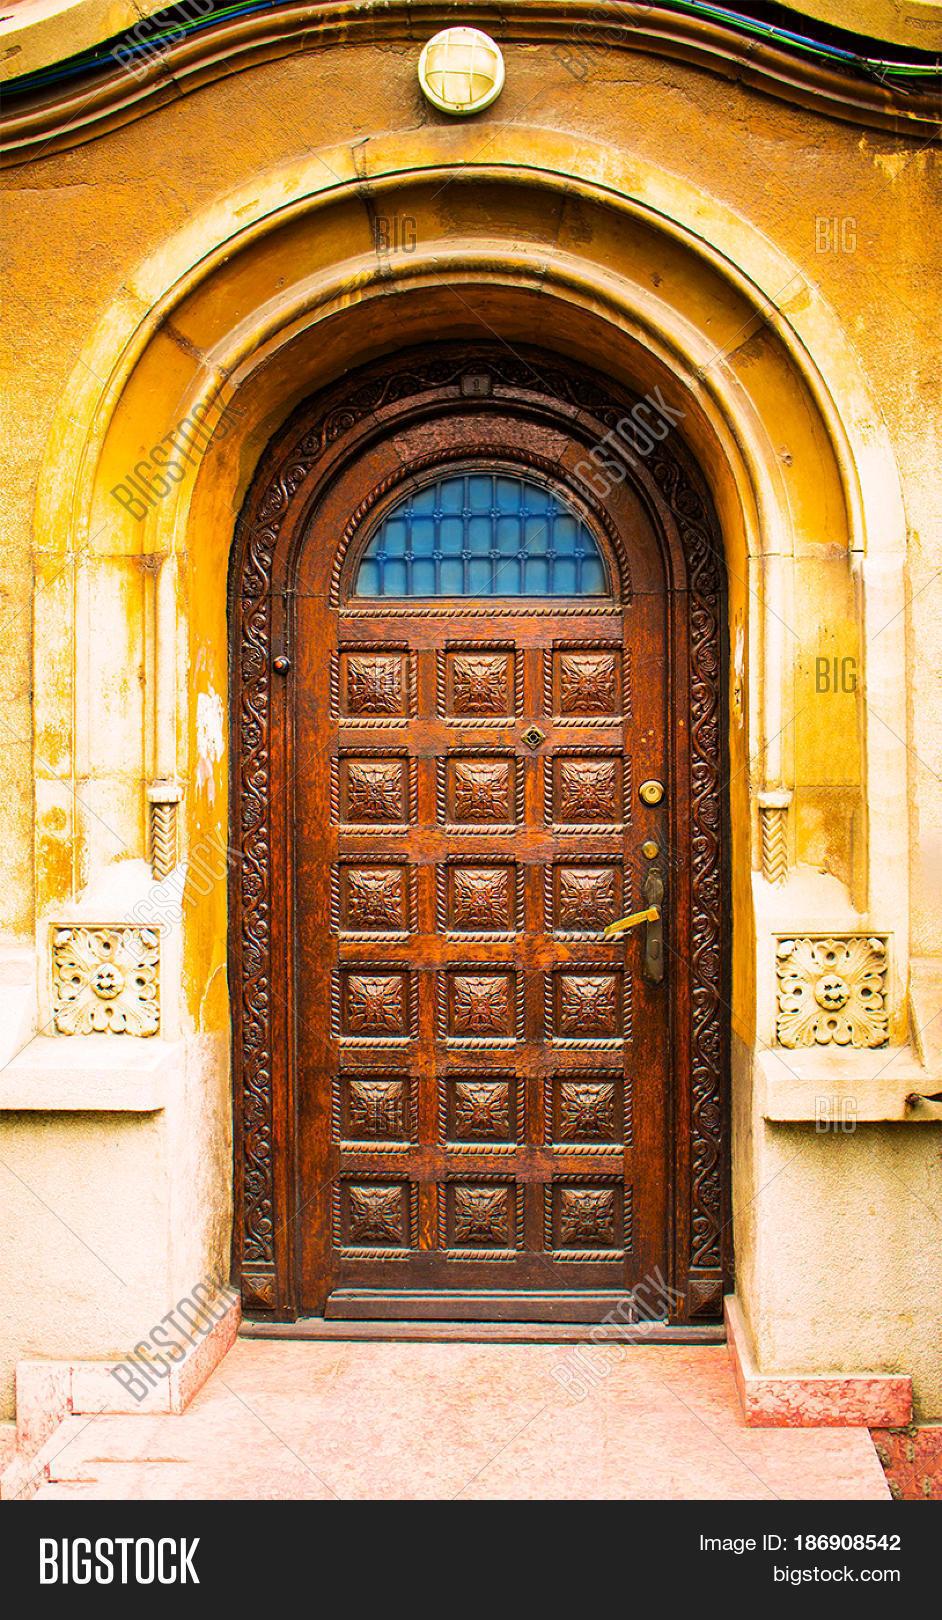 Beautiful wooden door image photo bigstock for Beautiful wooden doors picture collection